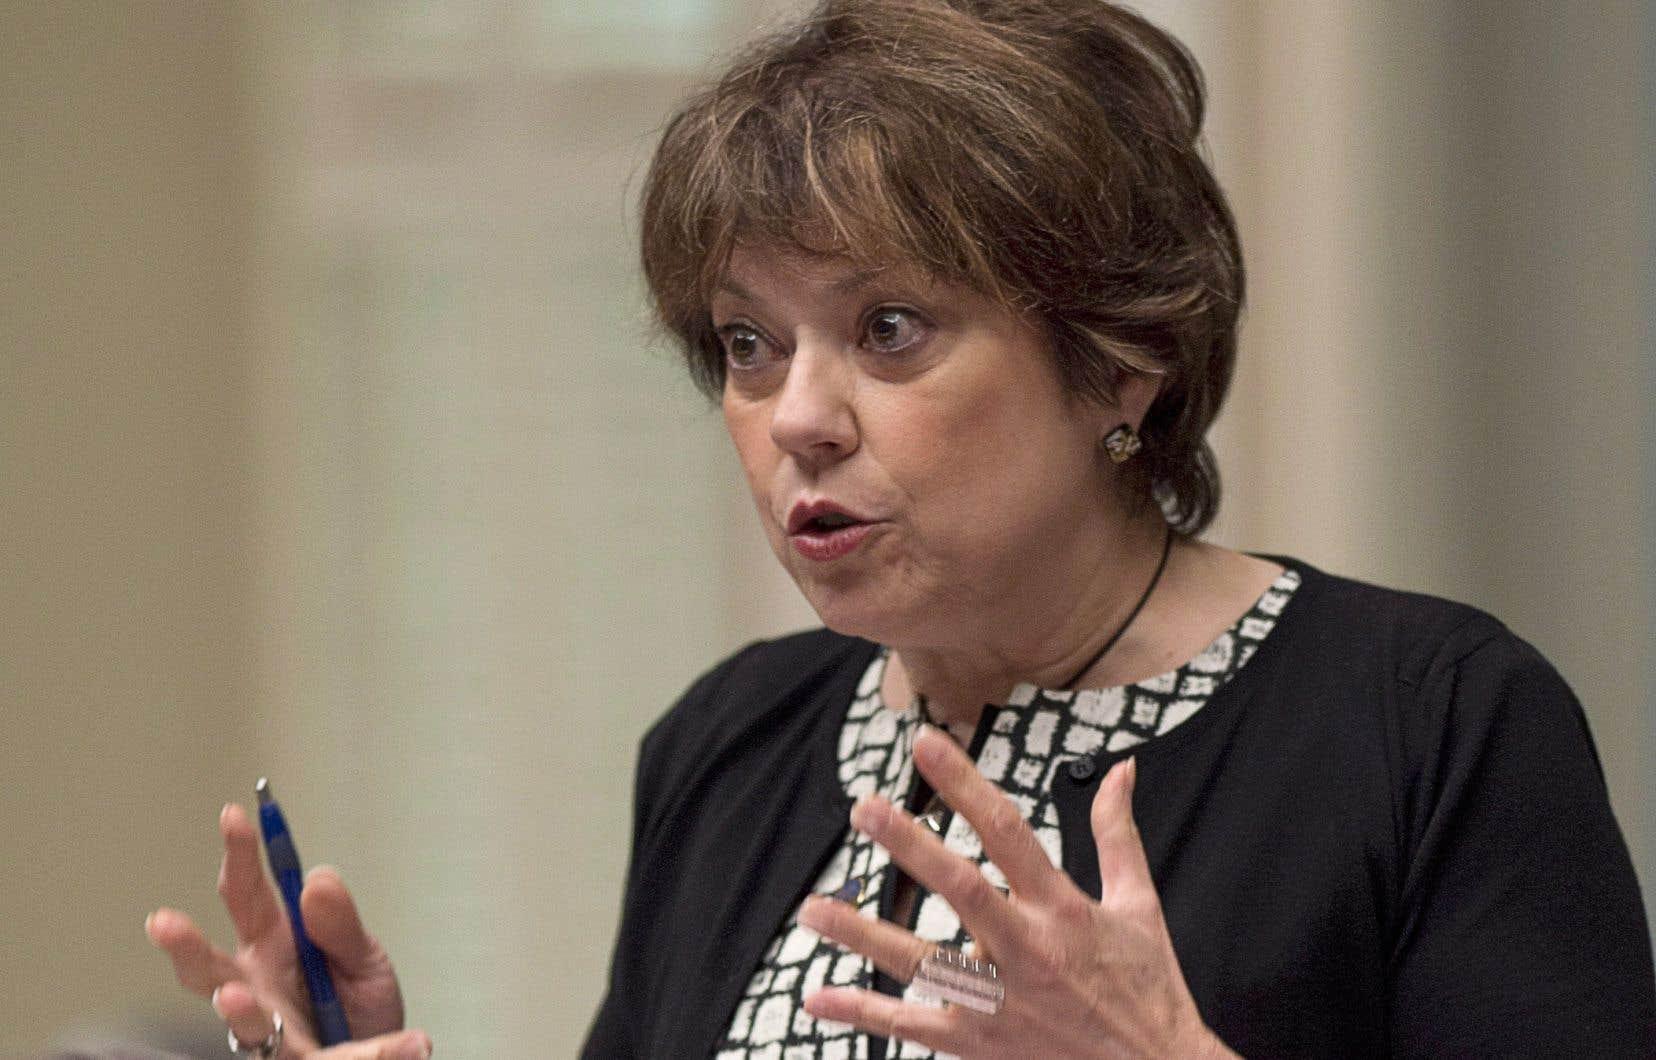 <p>La ministre de l'Enseignement supérieur, Hélène David, avait donné 48 heures à la direction de l'UQTR, vendredi après-midi, pour mettre fin au lockout qui paralyse le campus depuis près de deux semaines.</p>